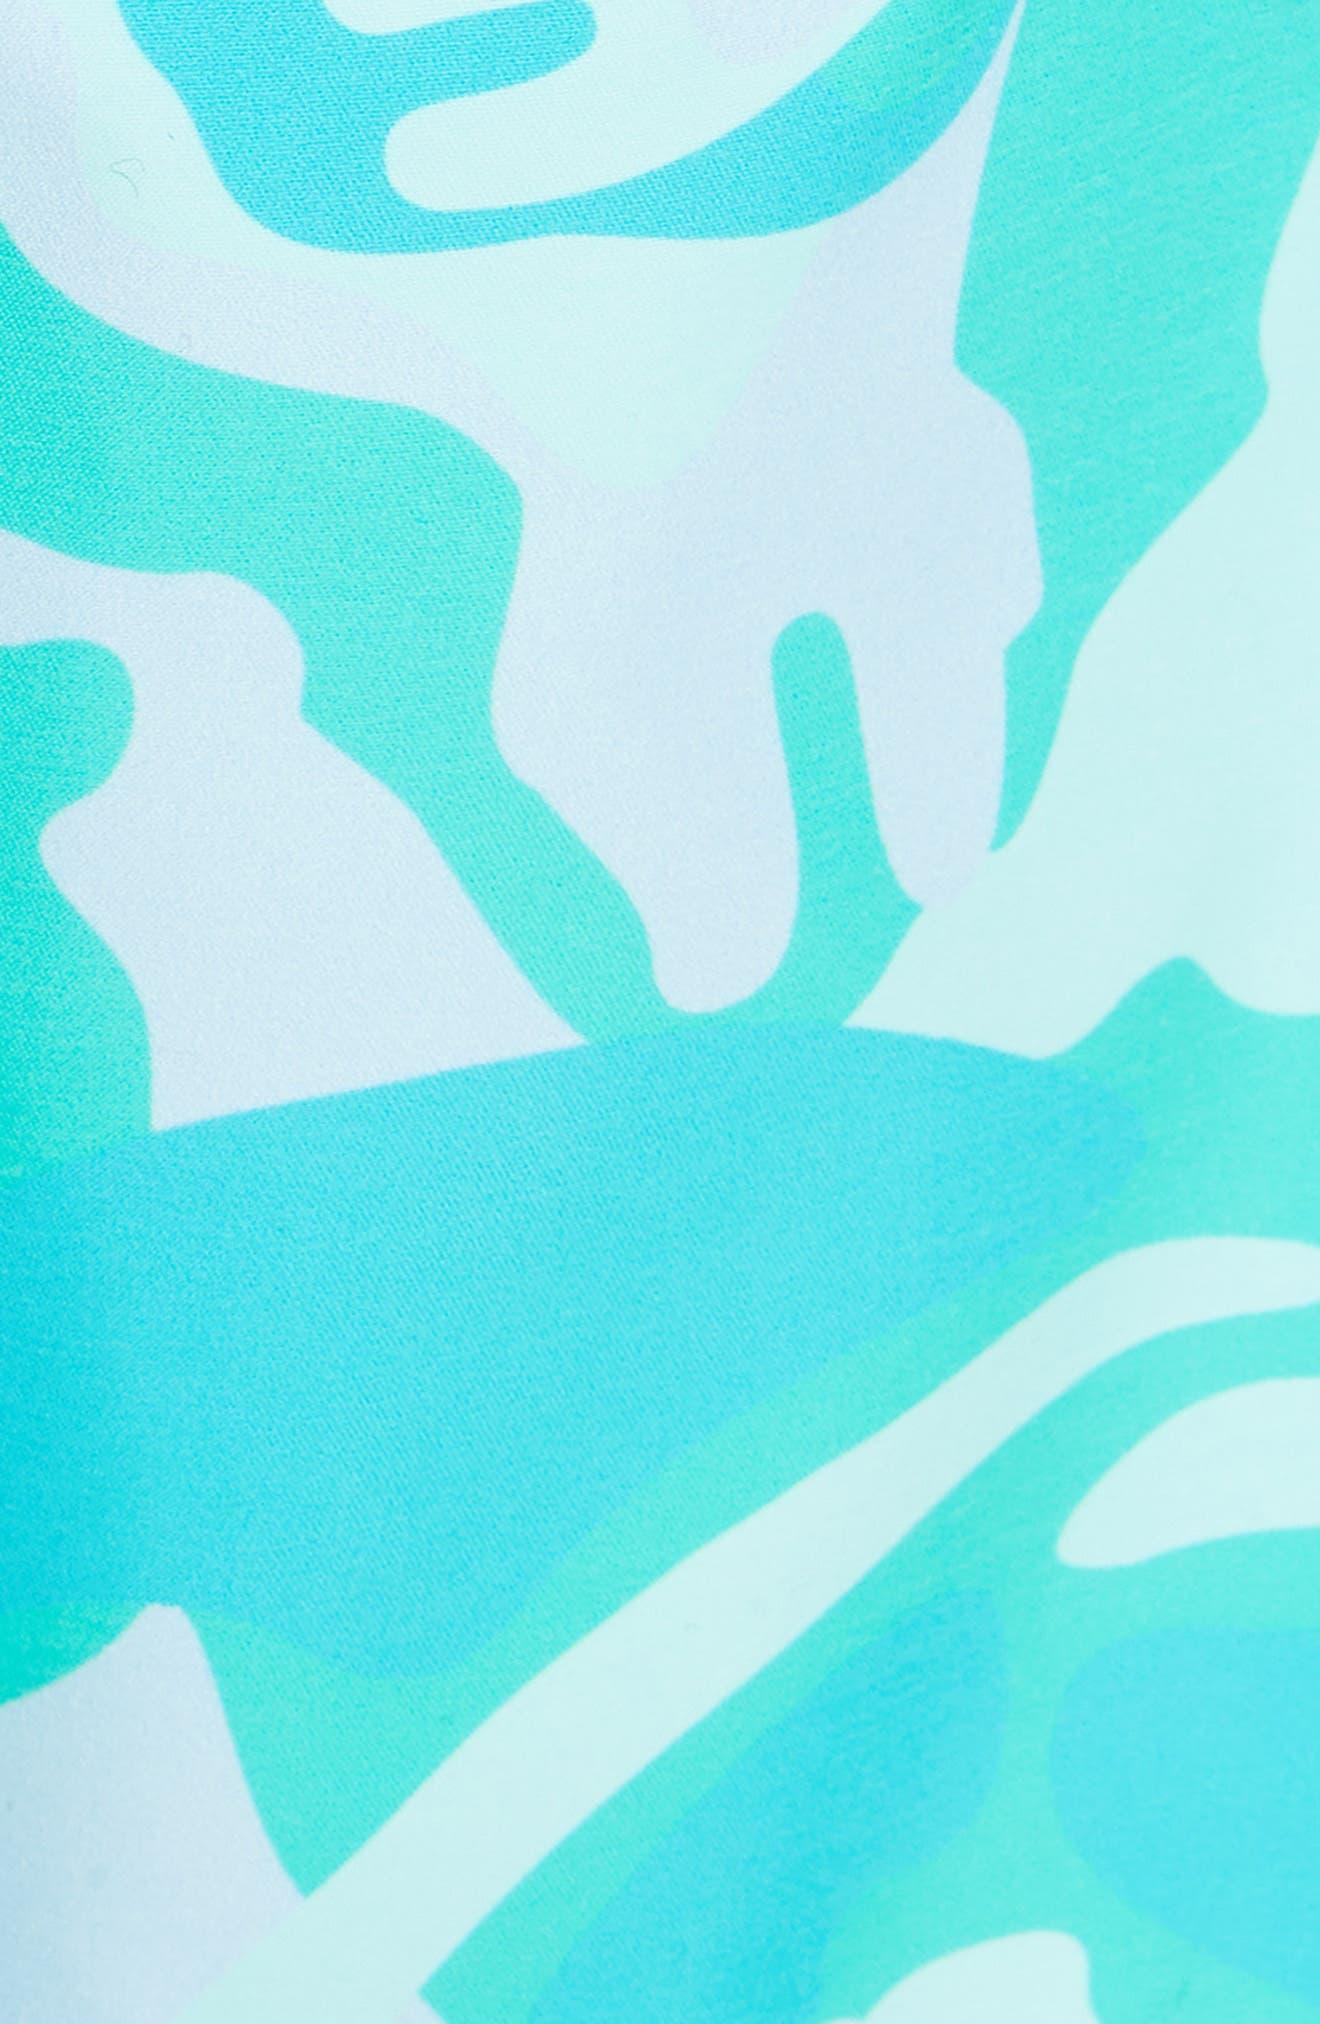 Camo Turtle Print Swim Trunks,                             Alternate thumbnail 5, color,                             450